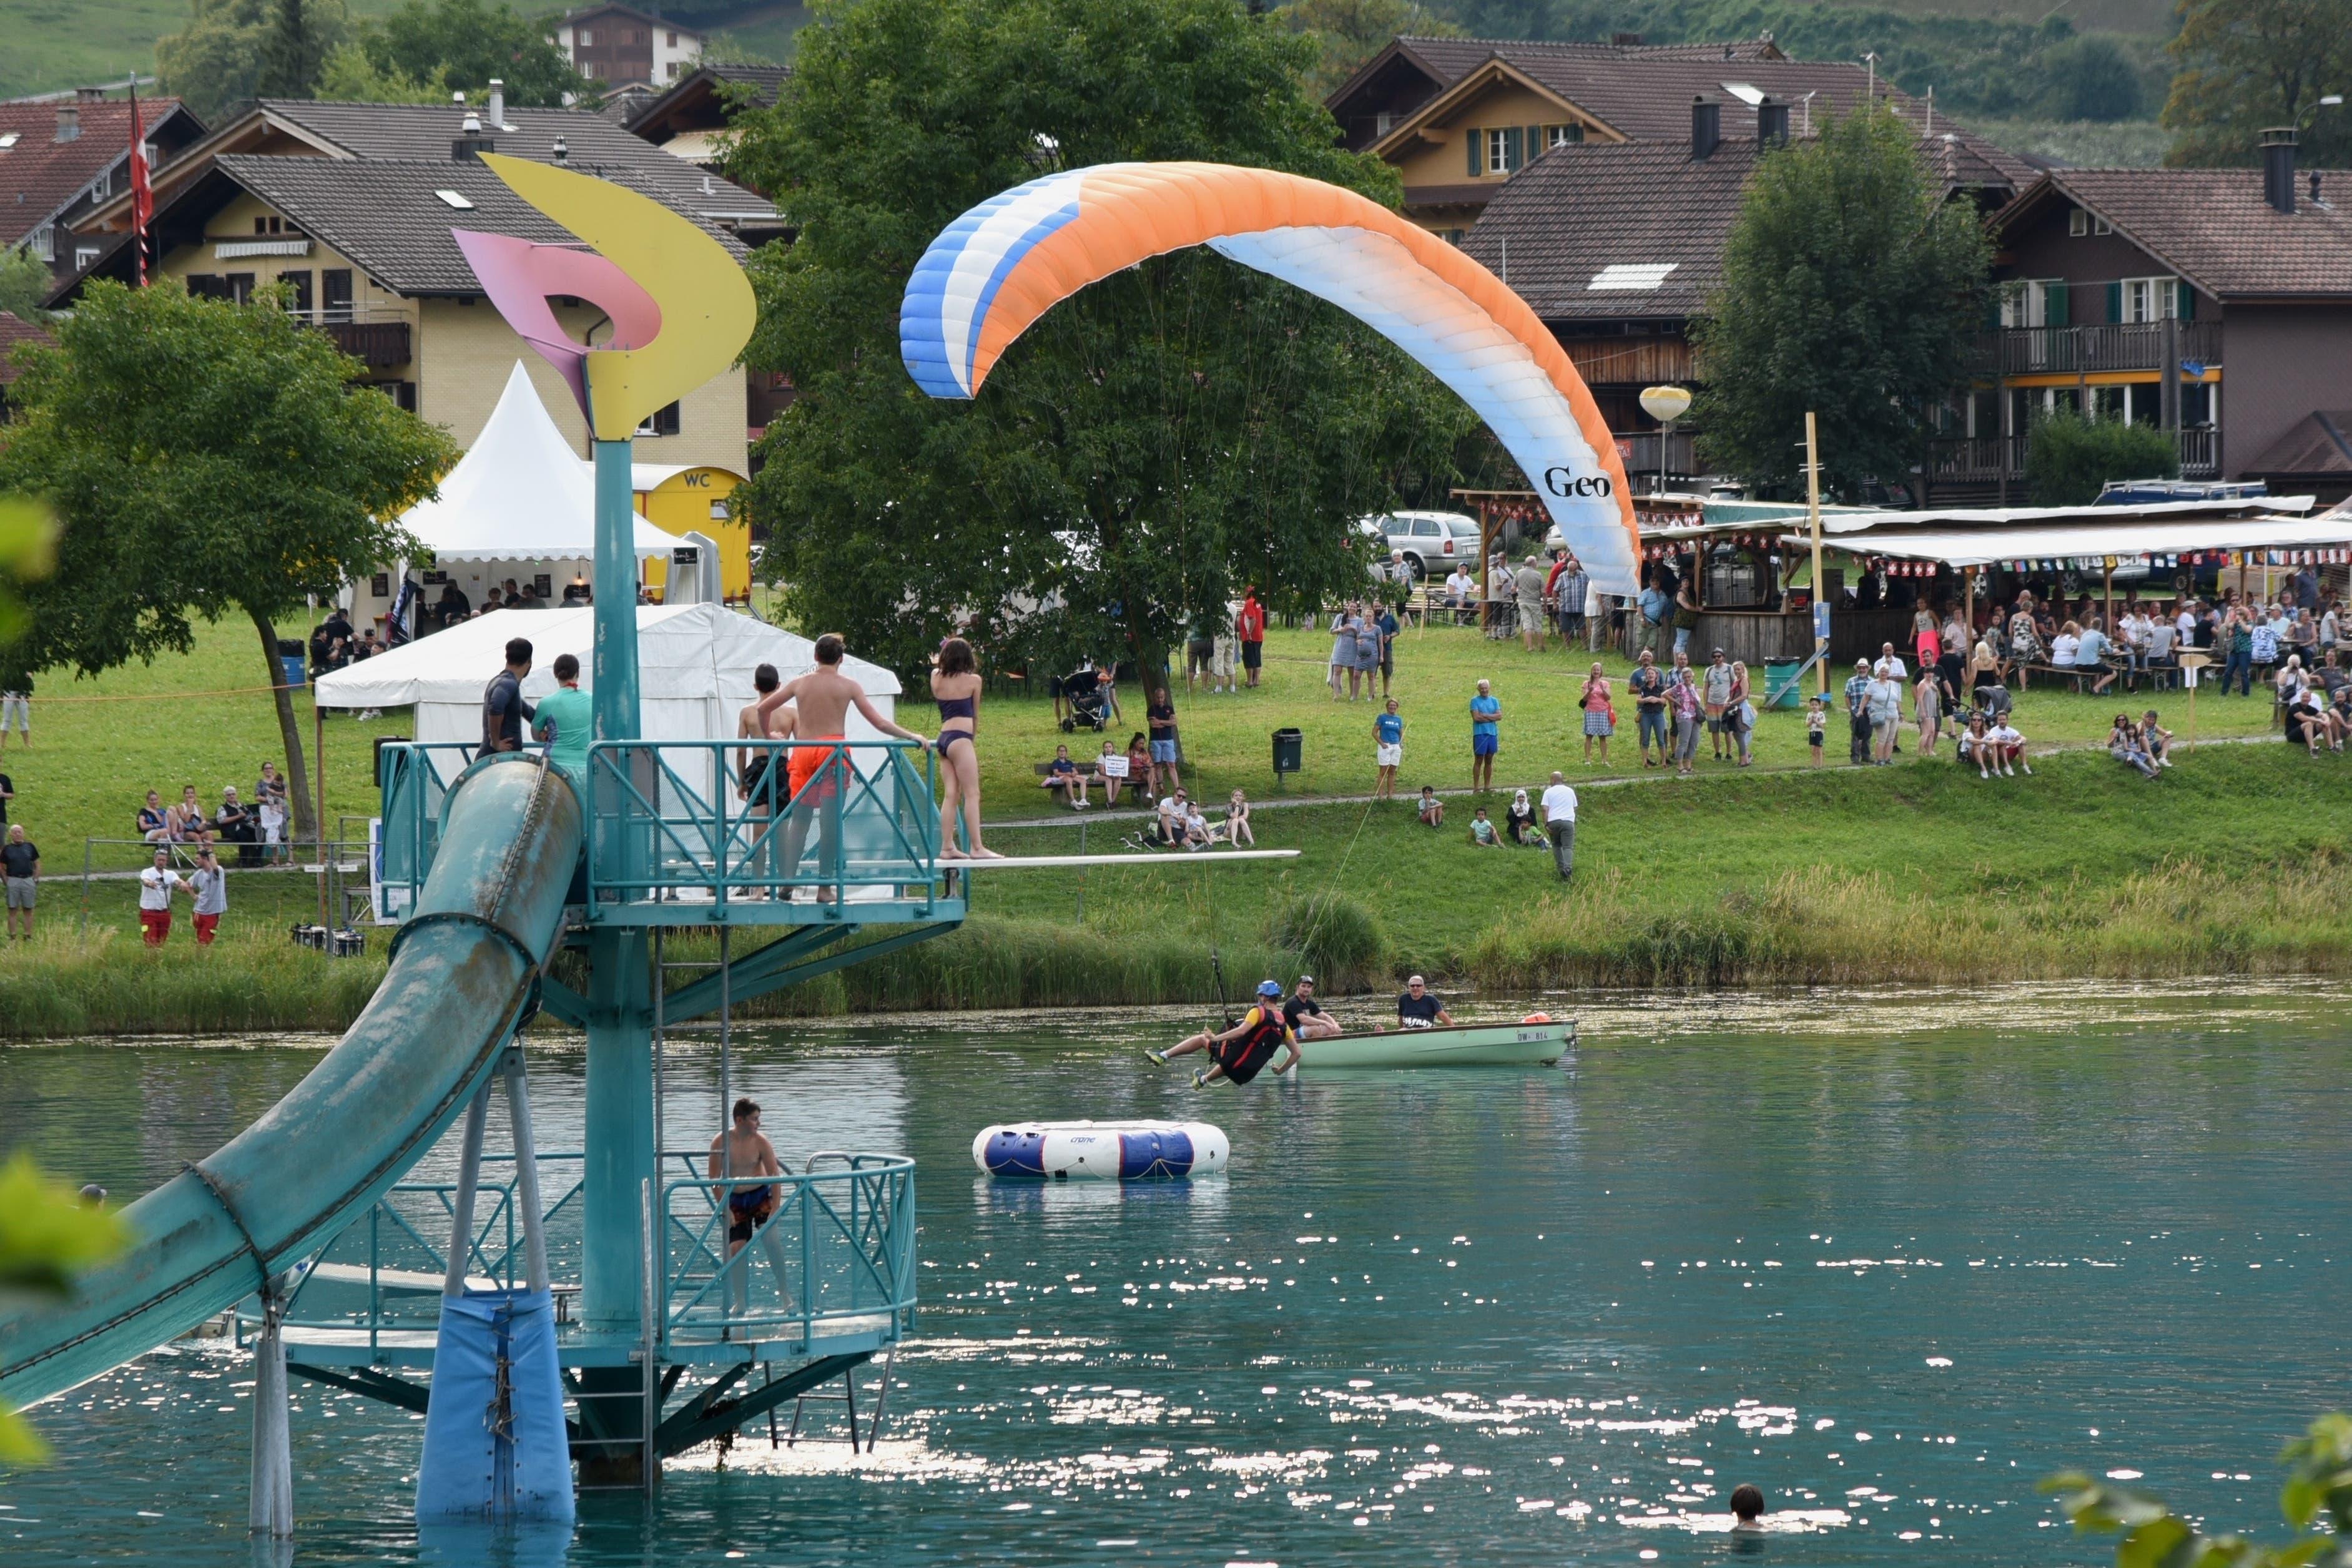 Am Seefest gab es besondere Attraktionen - so auch  Gleitschirm-Showflüge mit (versuchter) Ziellandung im Seebecken. (Bilder Robert Hess (Lungern, 31. Juli 2018))